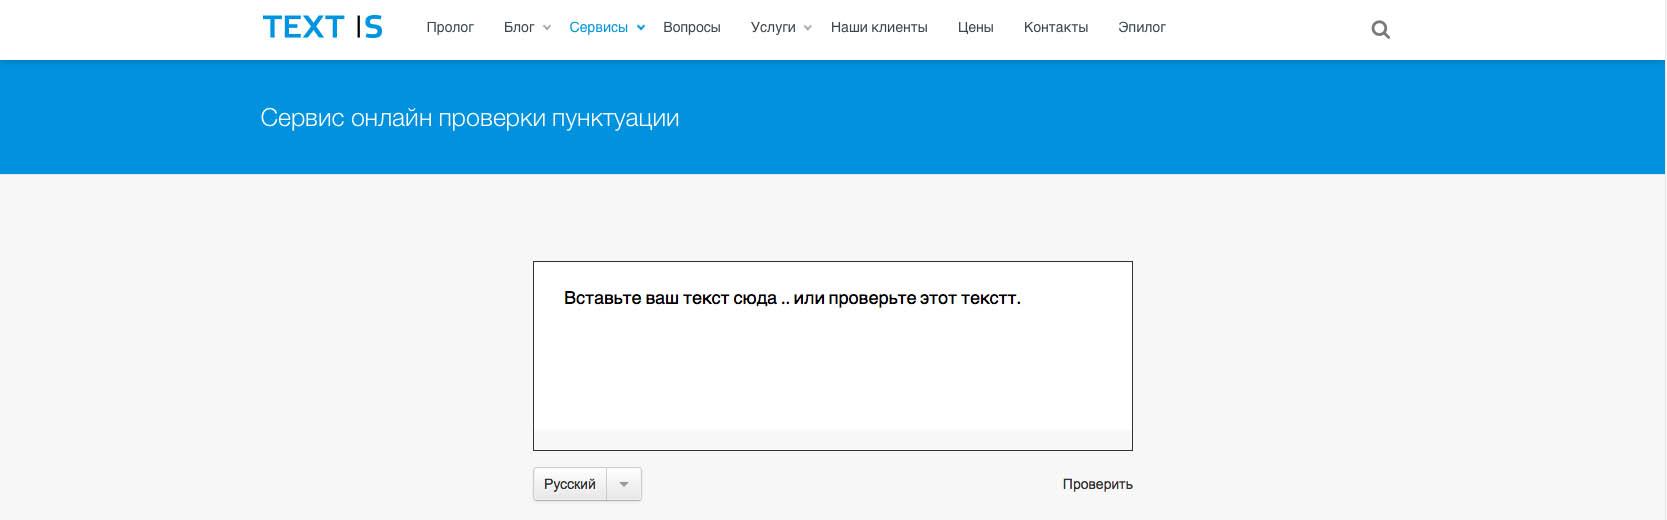 Textis.ru - онлайн проверка пунктуации. Расстановка запятых по правилам русского языка